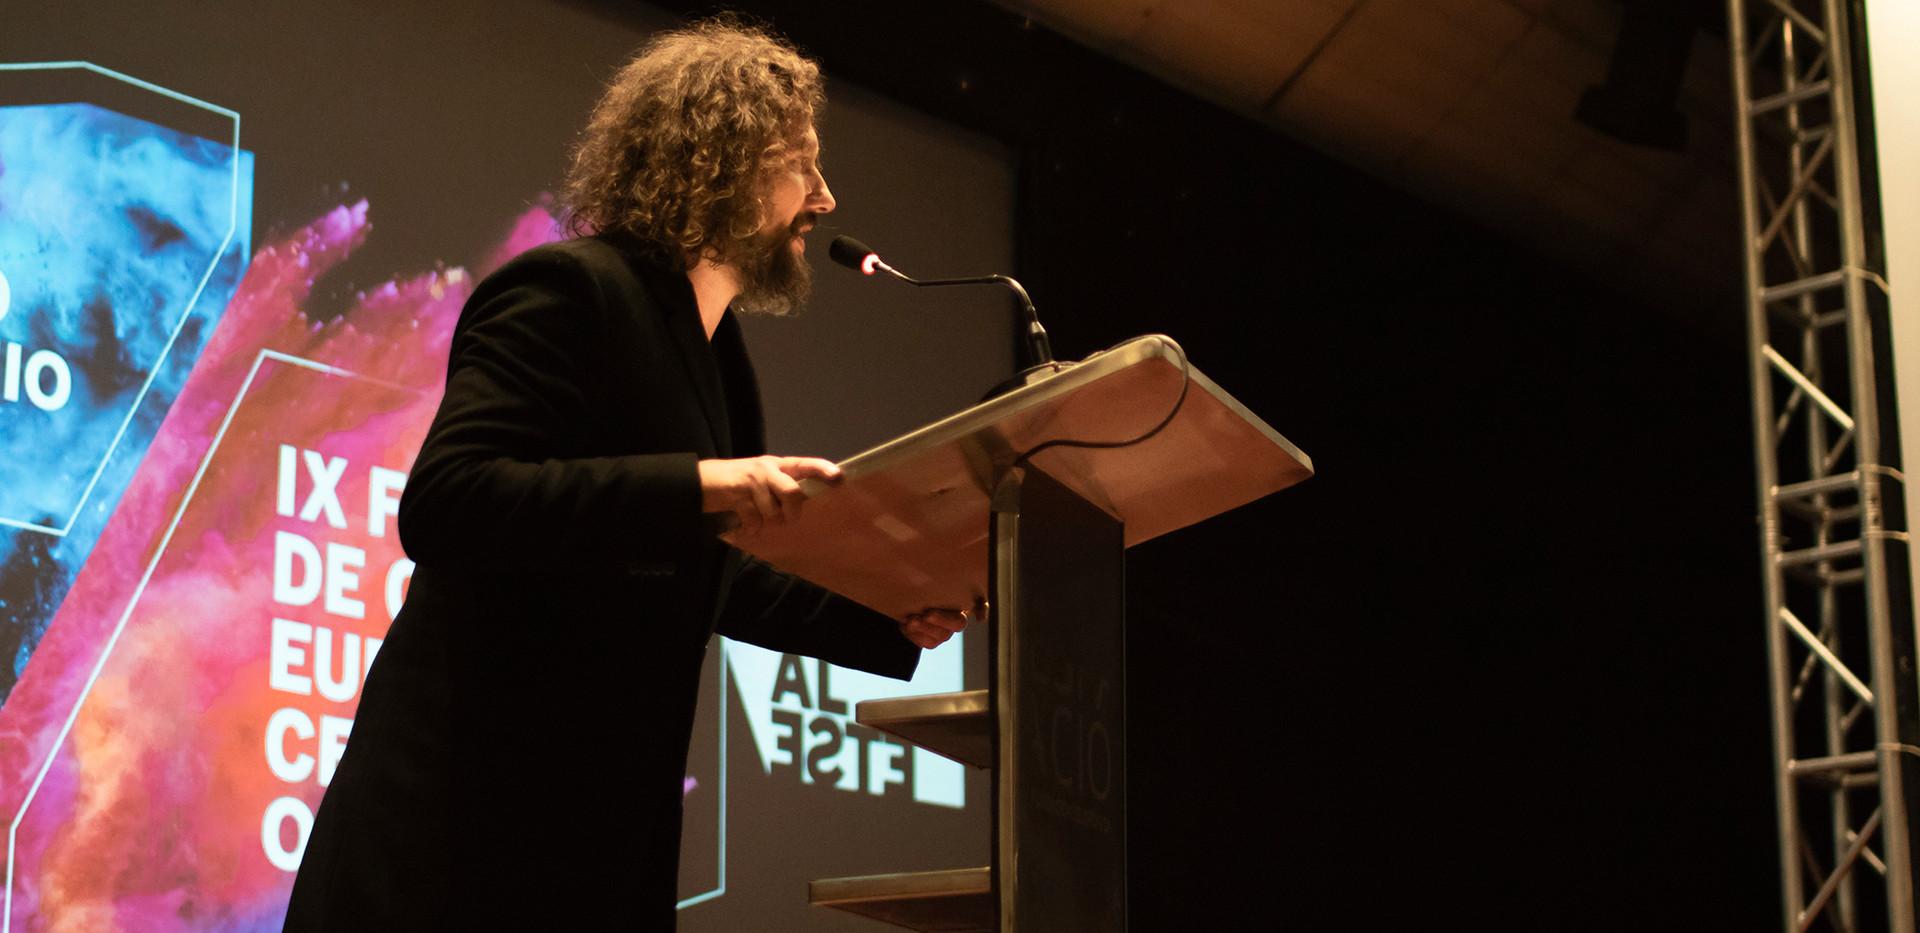 David Duponchel